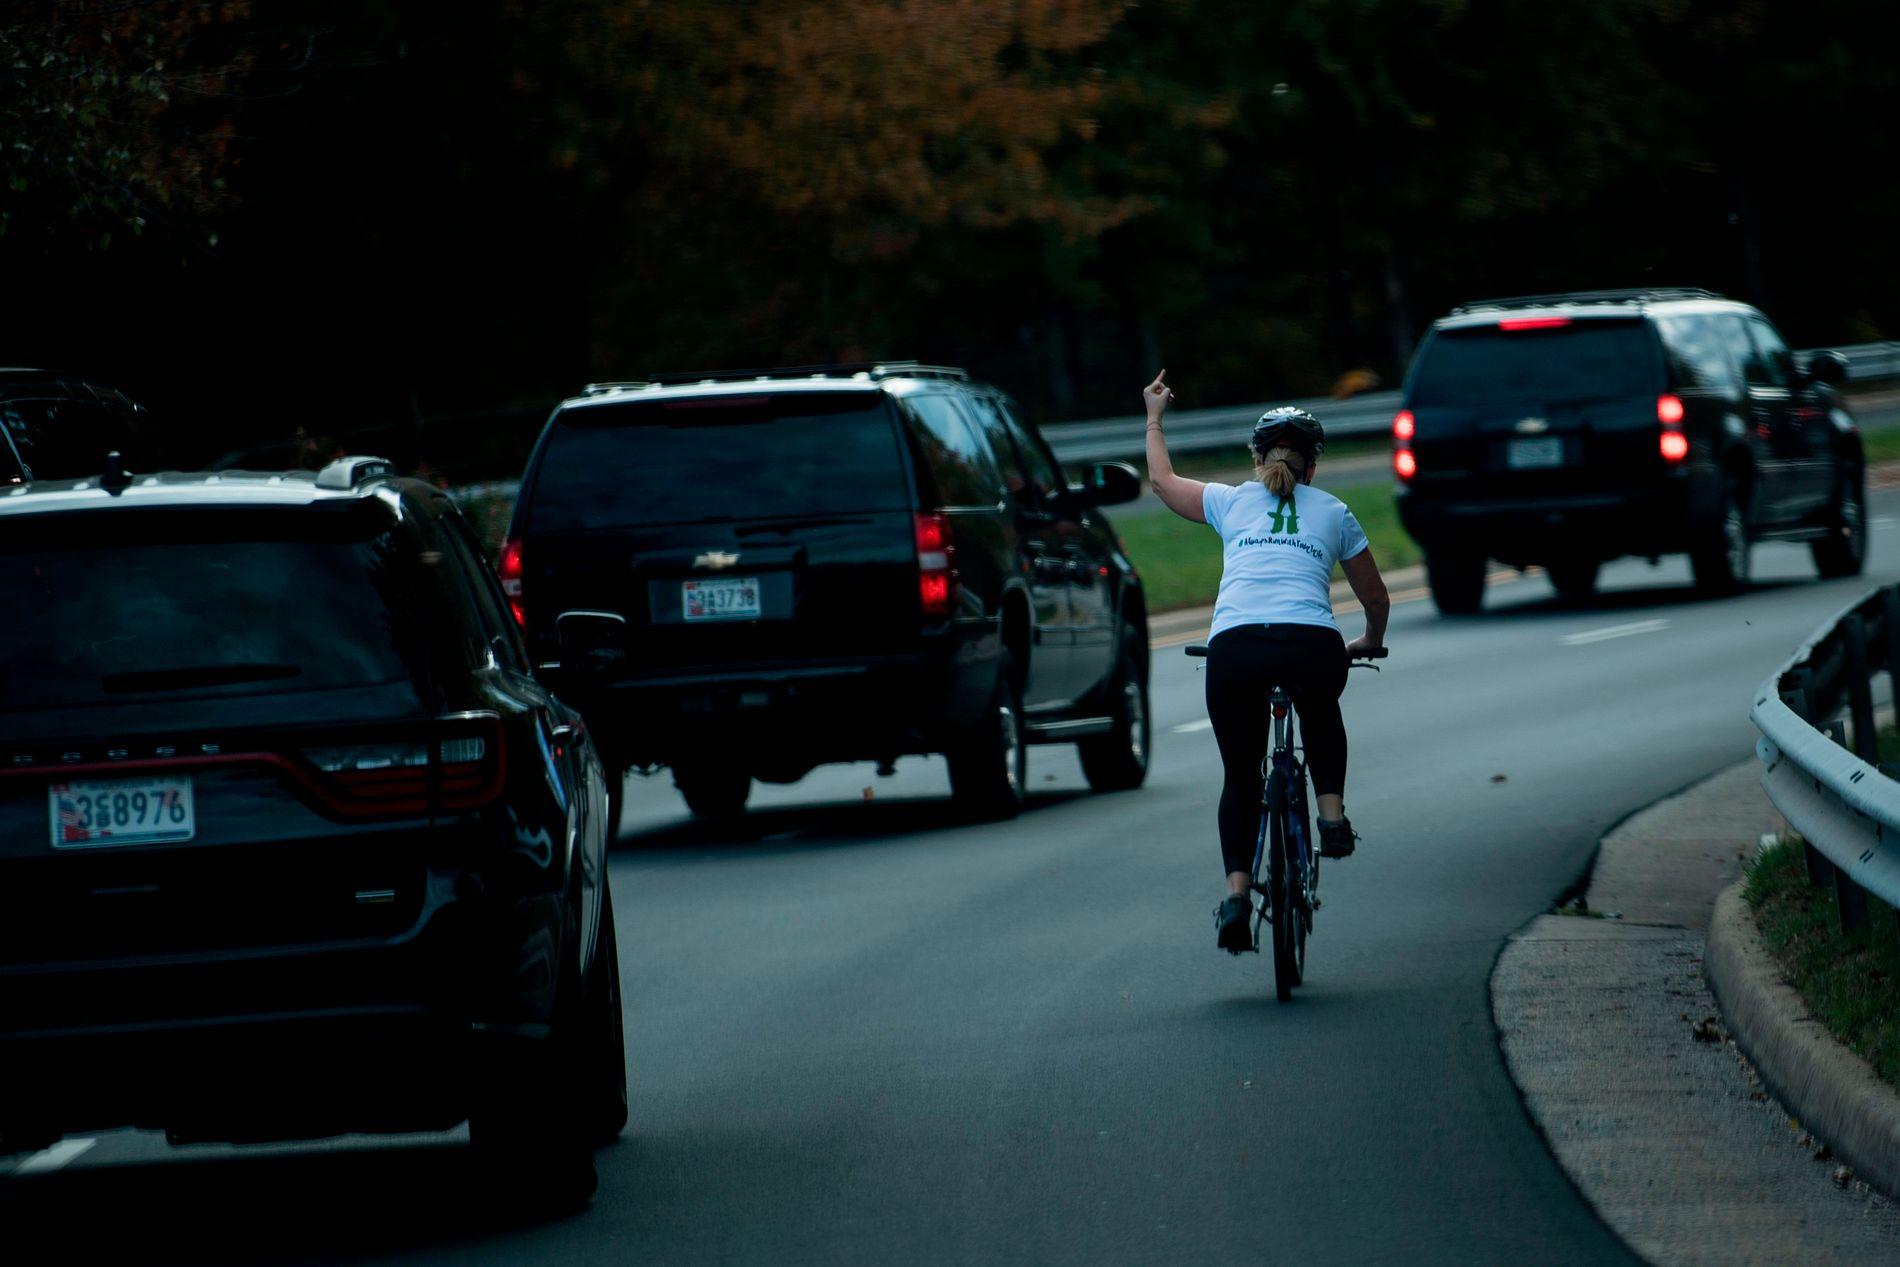 KLAR TALE: Mens Donald Trumps kortesje er på vei fra golfklubben Trump National i Sterling i Virginia, gjør Juli Briskman det klart hva hun synes om presidentens innsats. Hun skal også ha vist fingeren enda en gang til kortesjen. Foto: Brendan Smialowski, AFP